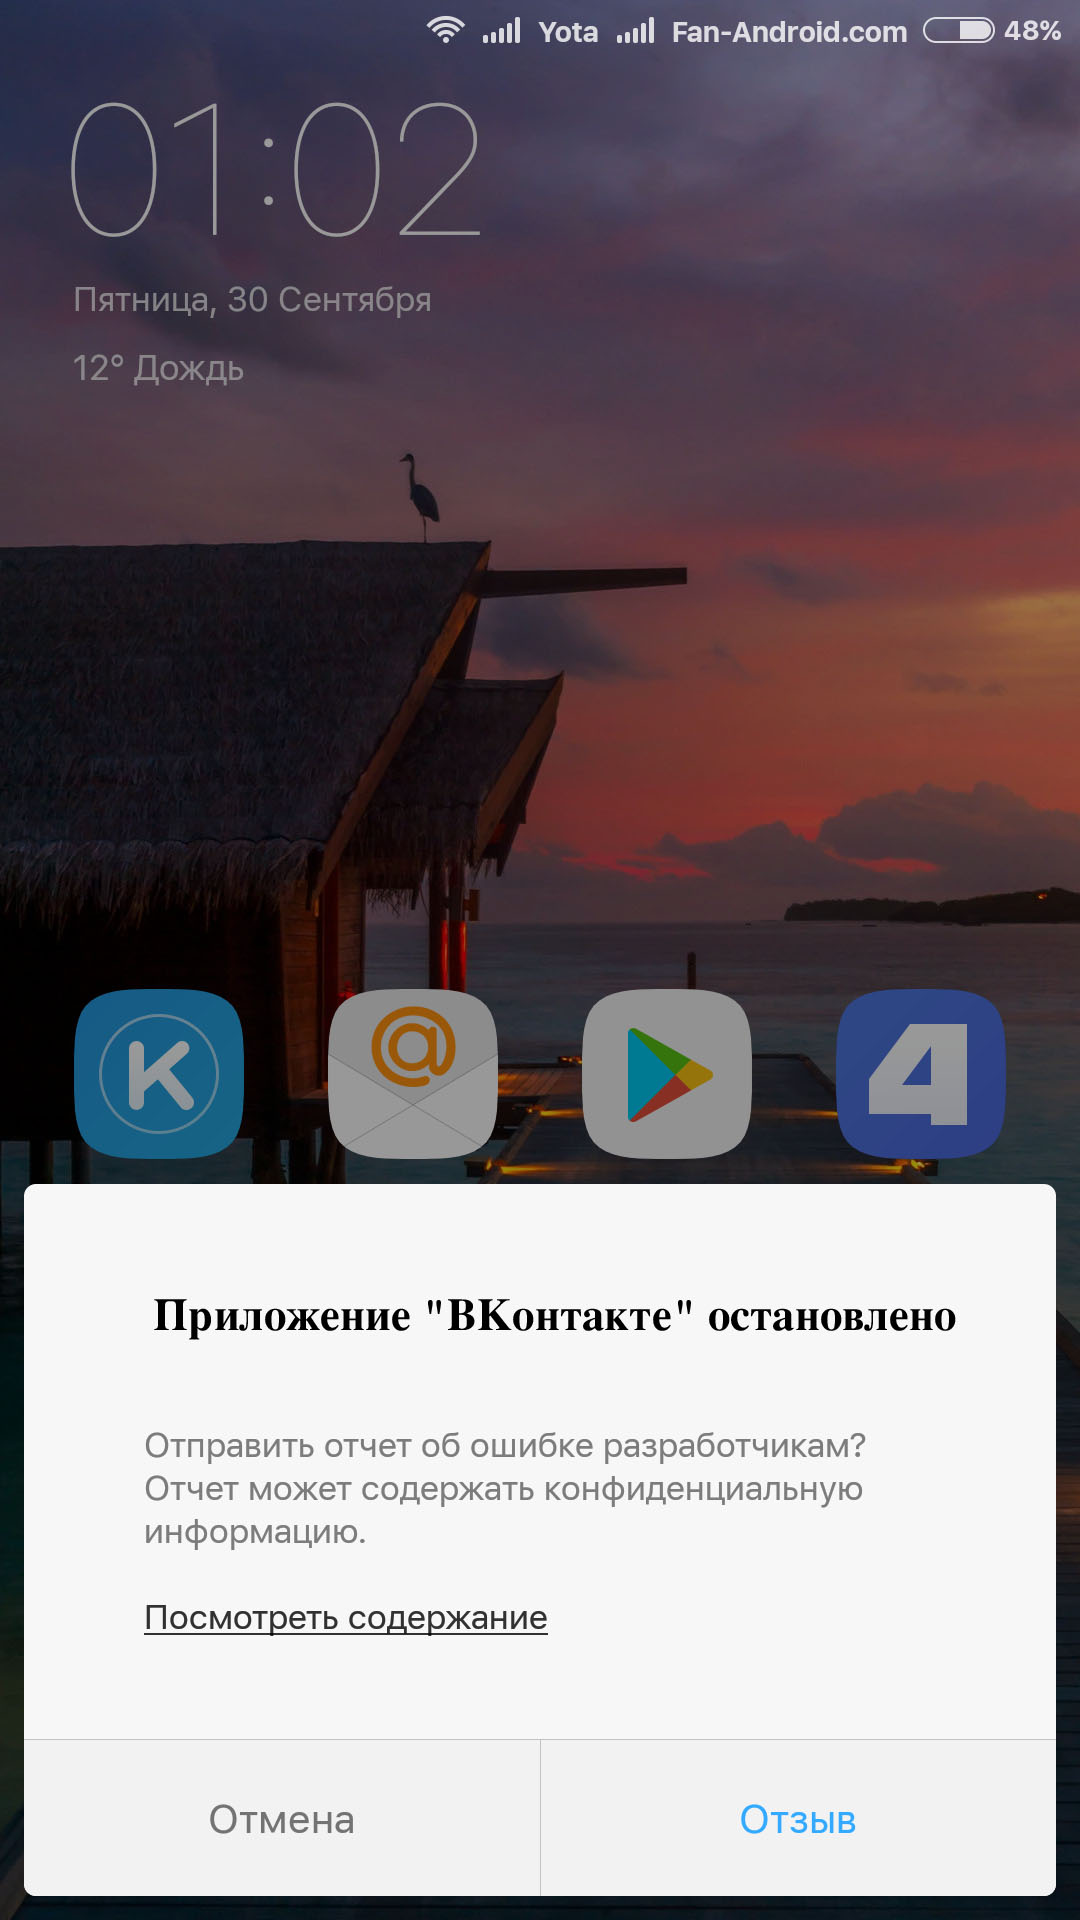 Приложение google фото остановлено что делать